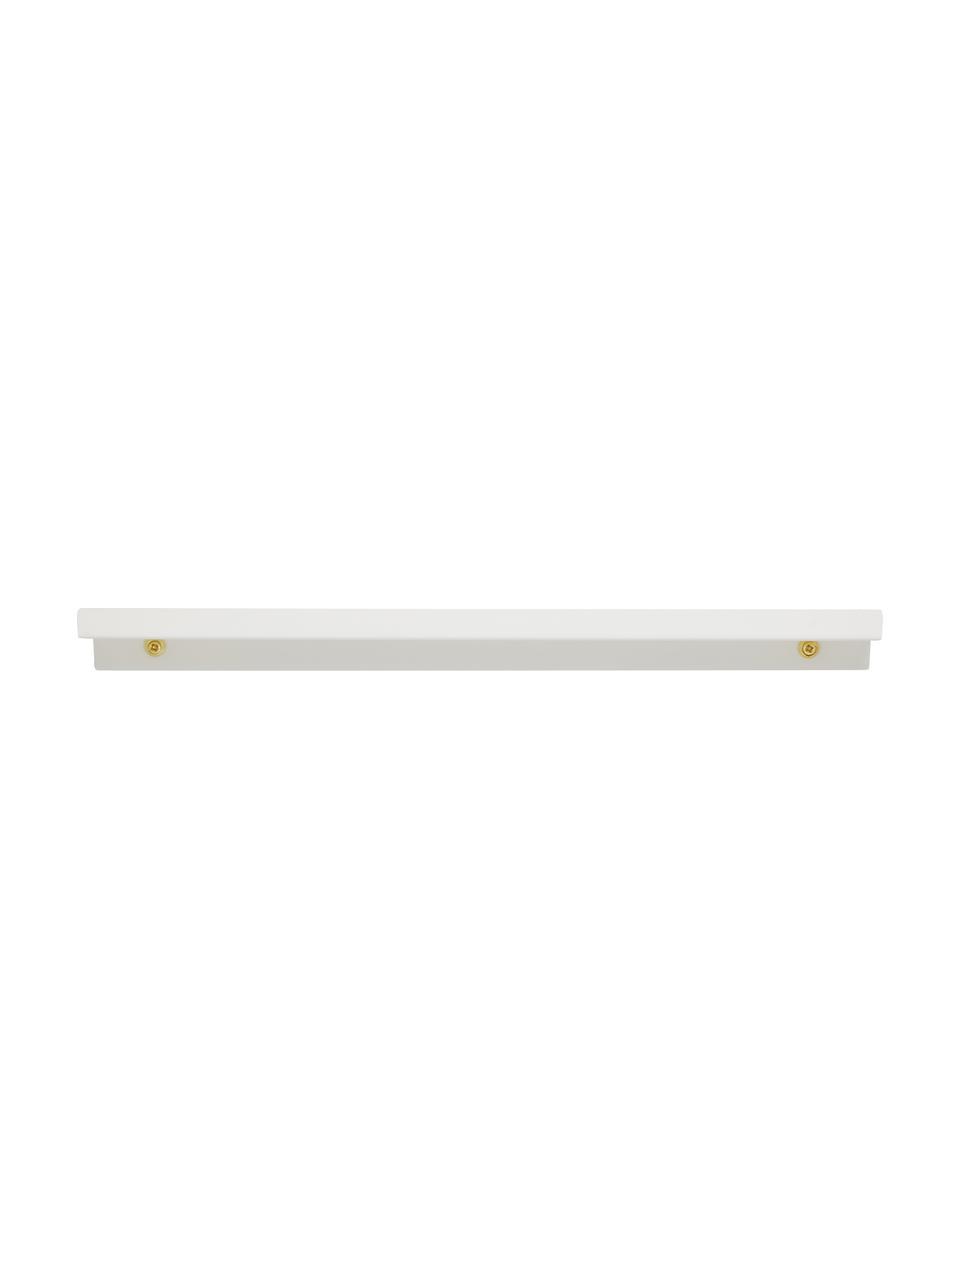 Wąska półka na zdjęcia Shelfini, Biały, mosiądz, S 50 x W 6 cm